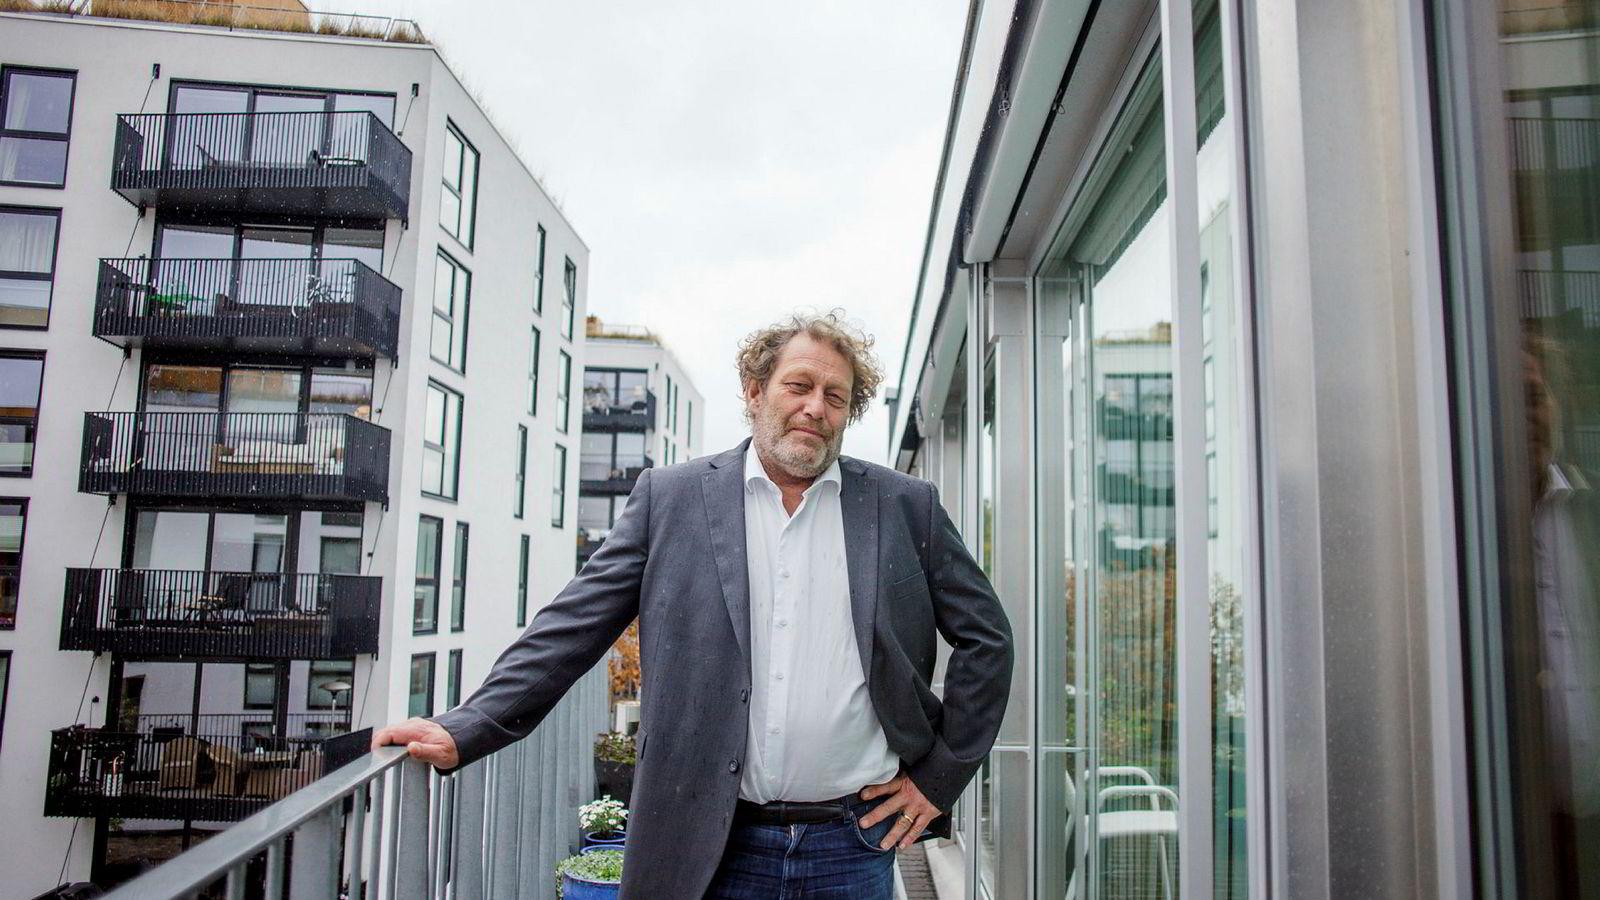 Bellona-stifter Frederic Hauge har mistet hele ledergruppen i miljøstiftelsen denne uken, etter strid om hvor mye han skulle blande seg inn i den daglige driften.